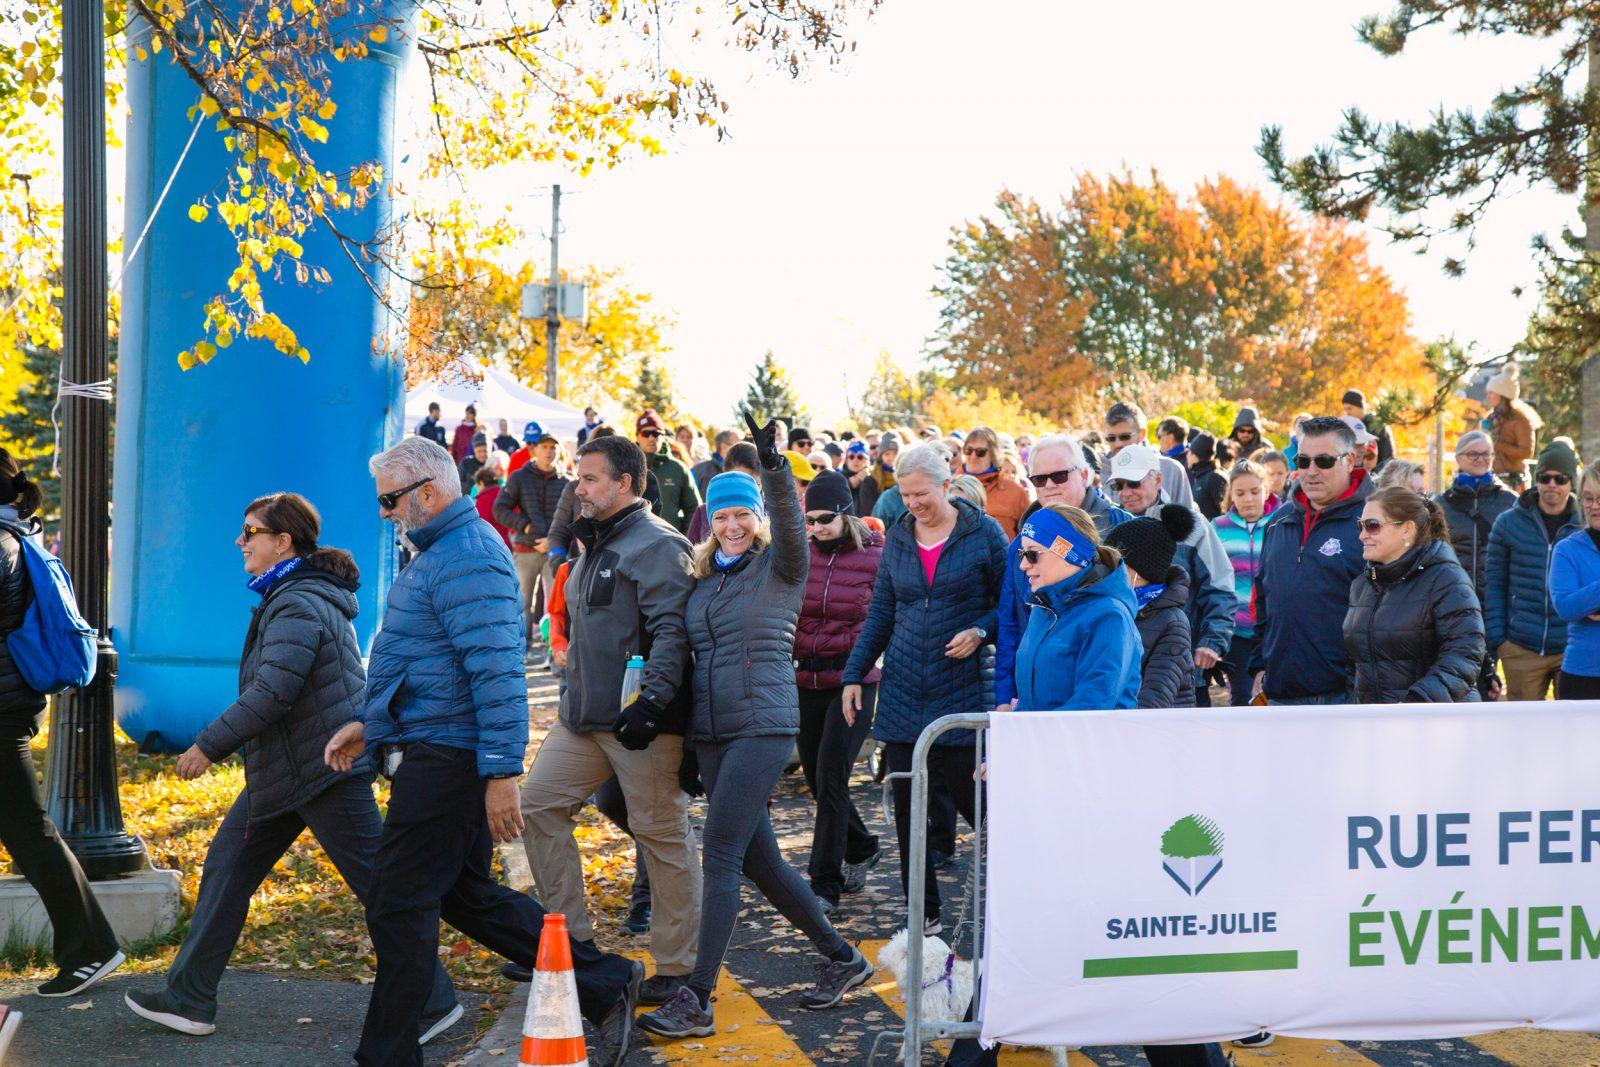 La Ville de Sainte-Julie invite les citoyens à venir marcher le 15 octobre